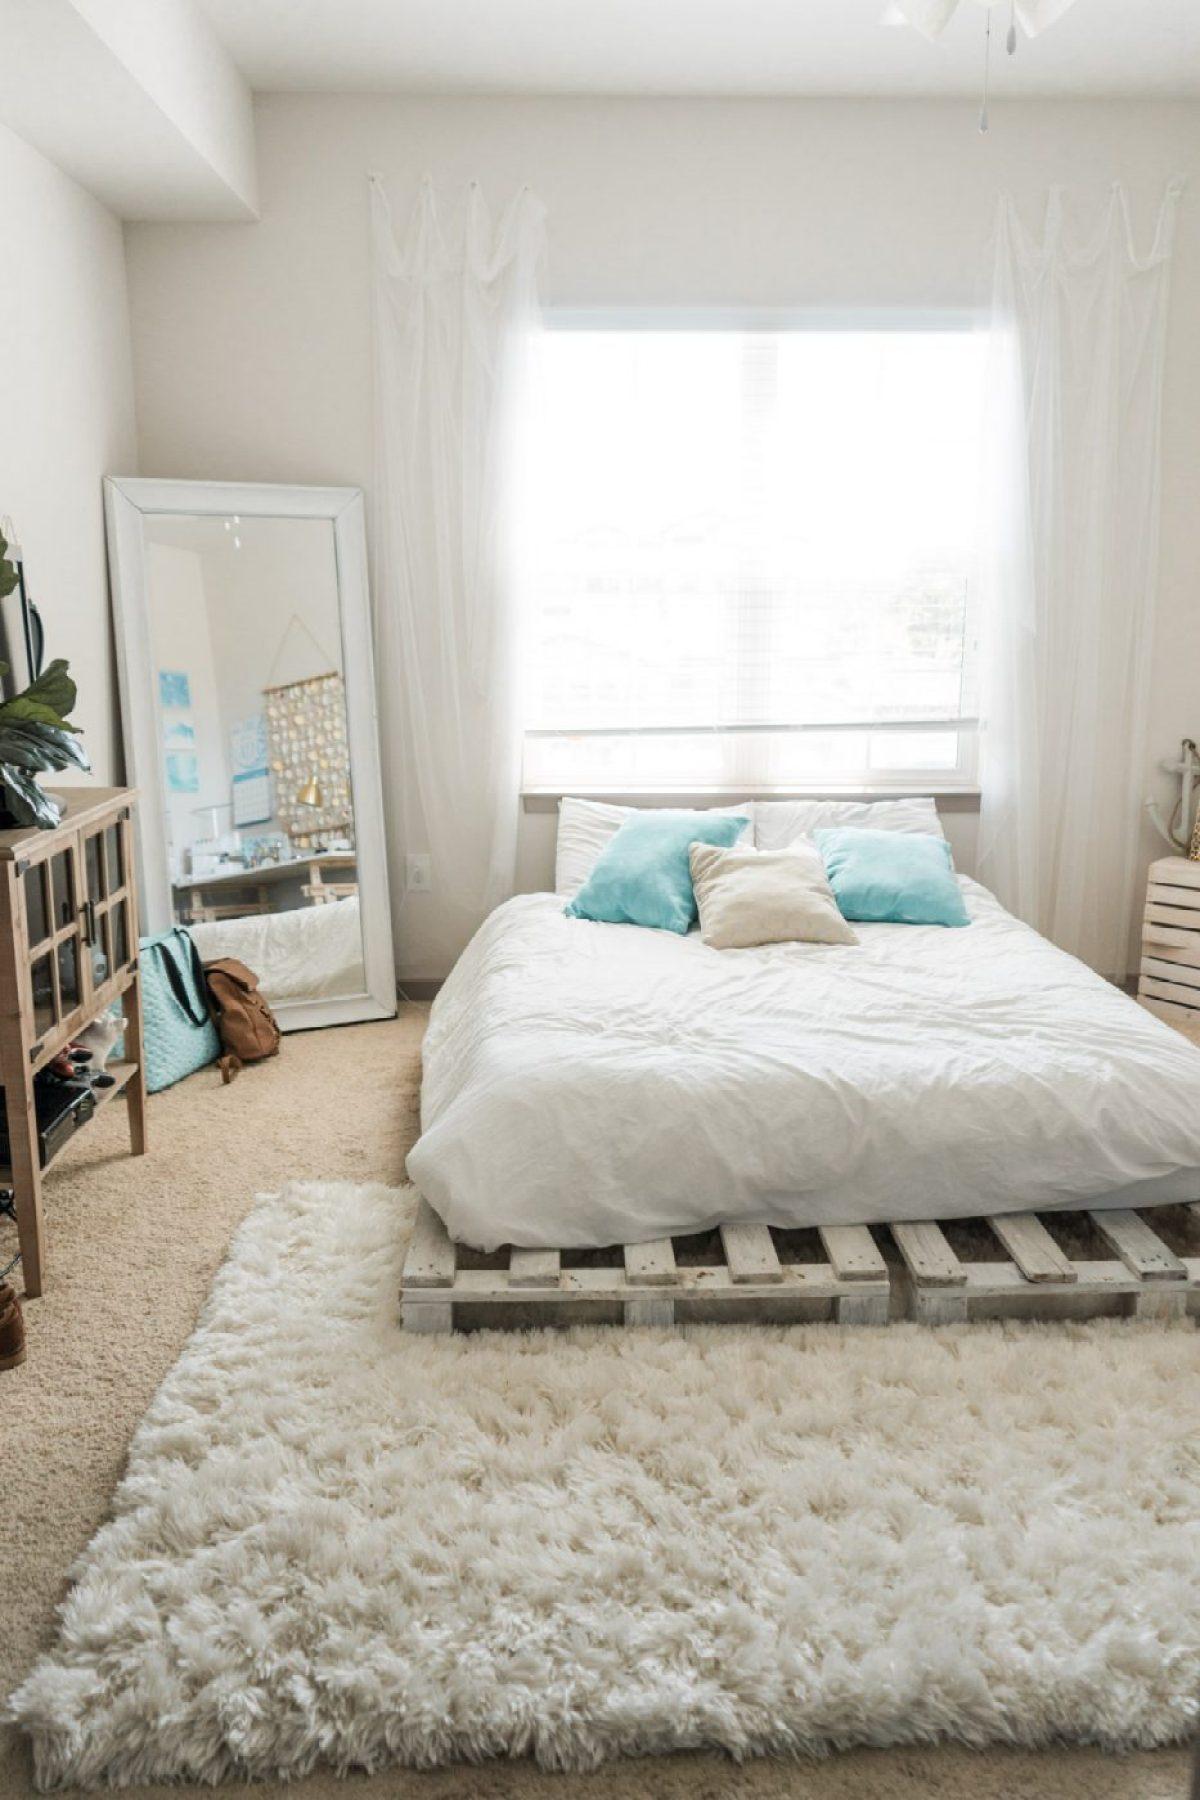 Beachy Bohemian Bedroom - Sweet Teal